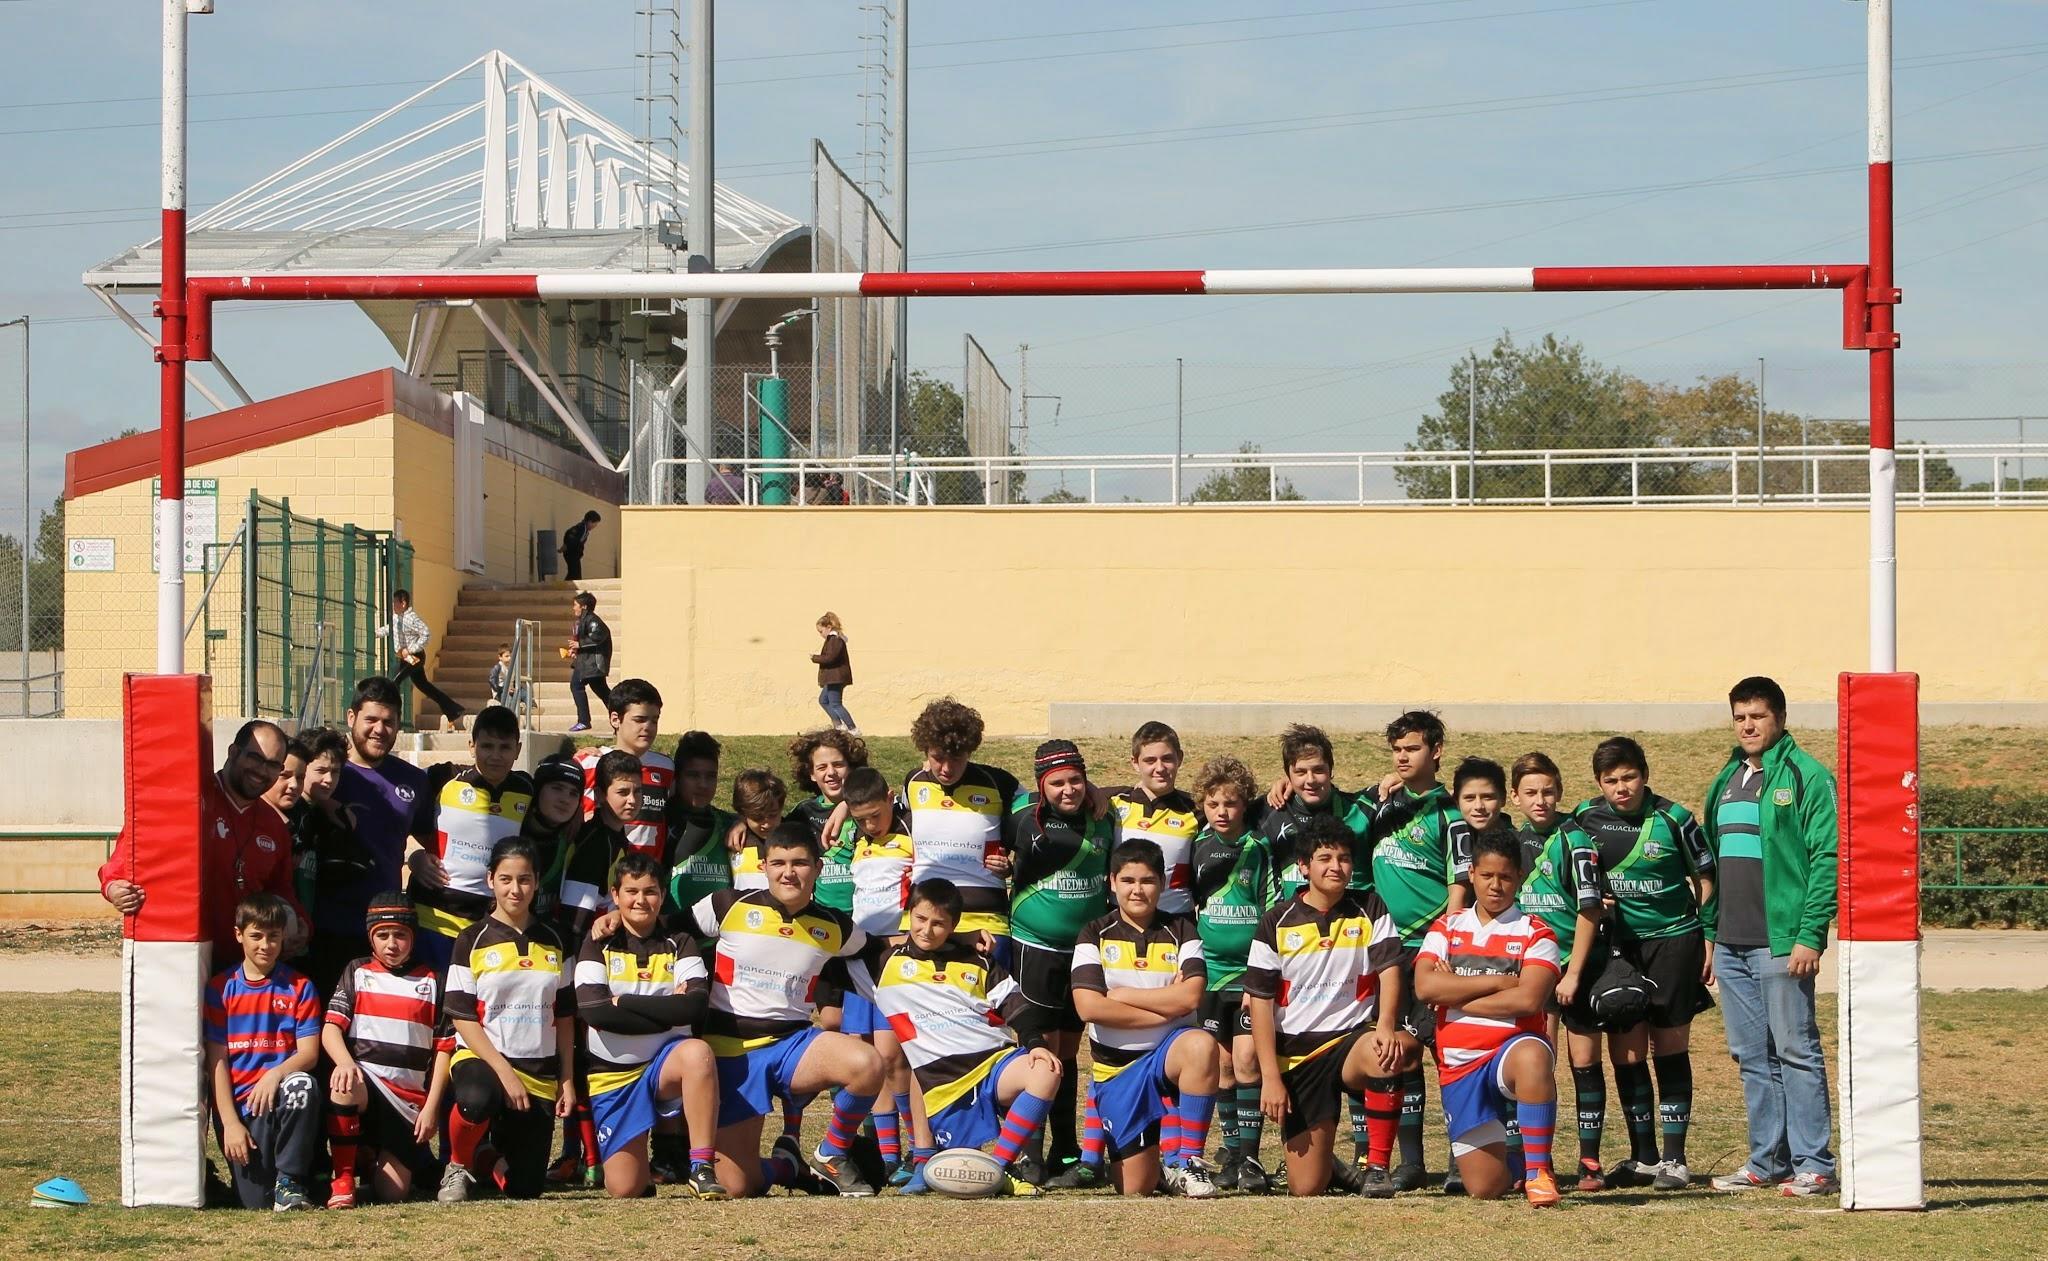 Los equipos de San Roque/UER Montcada y Castellón posan hermanados tras el bonito partido. Foto de Sergio Senabre